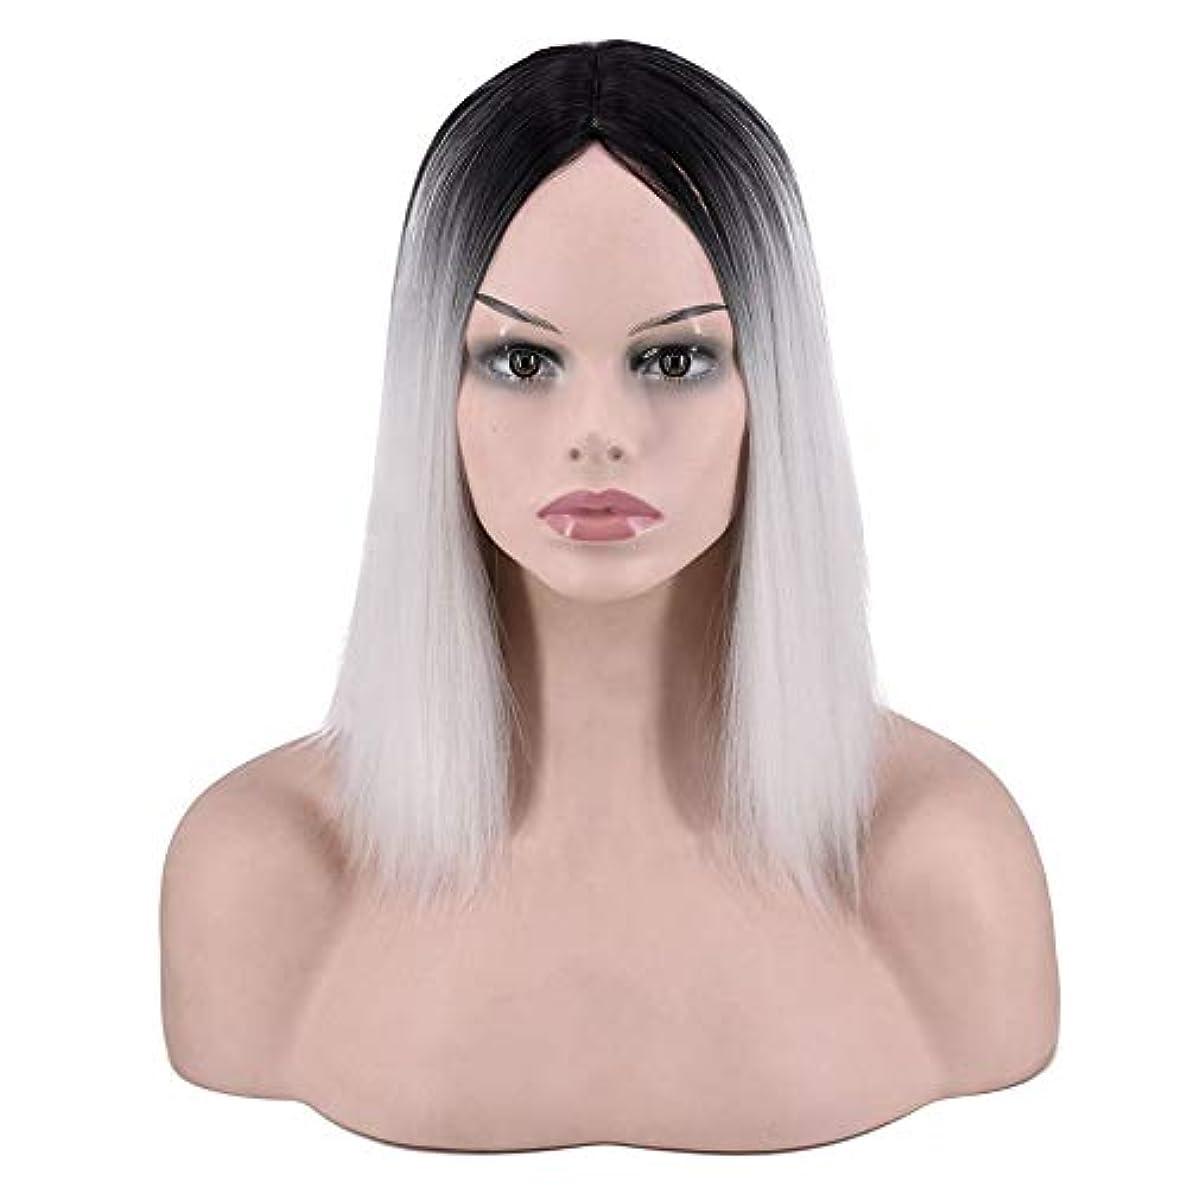 貢献コーンウォール書誌YOUQIU 女子ショートストレートウィッグ肩の長さの合成ボブヘアウィッグ耐熱フル?ヘアウィッグウィッグ (色 : Photo Color)